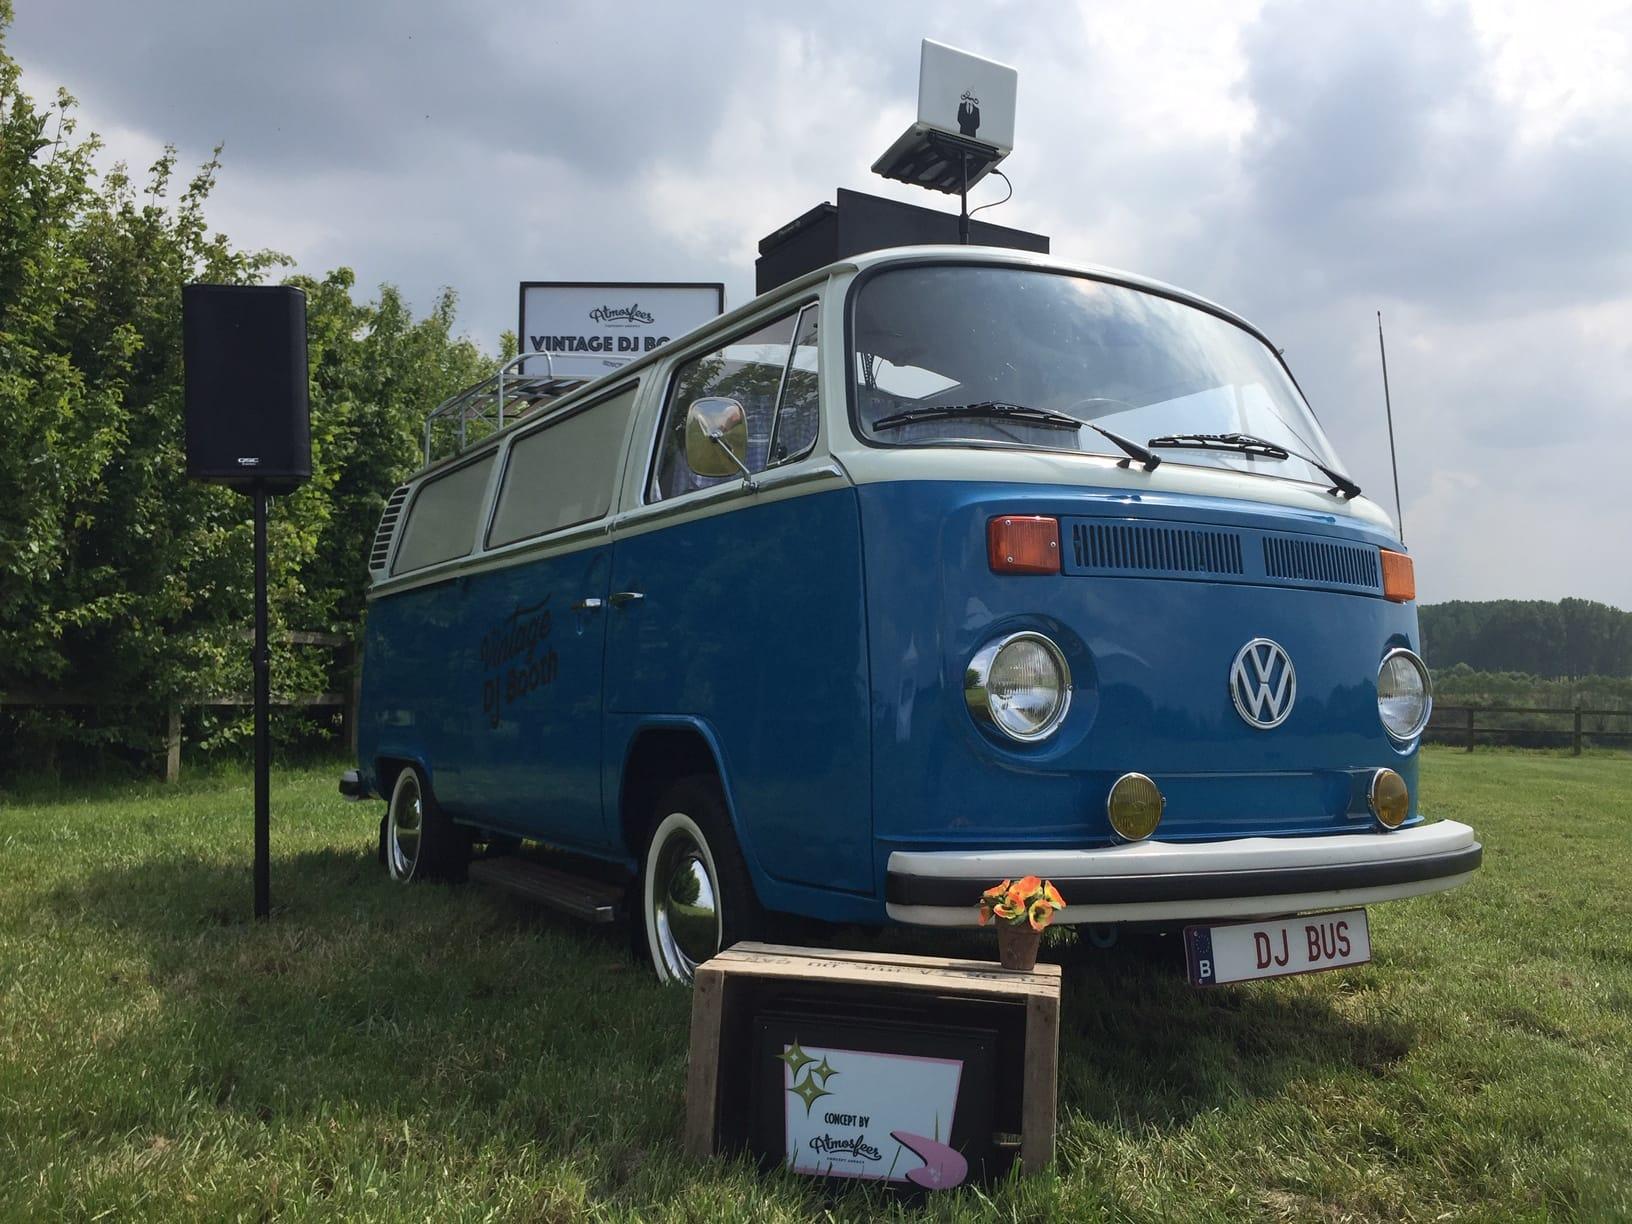 DJ Bus boeken voor uw event? Ontdek de charme en originaliteit van onze Volkswagen DJ Bus!